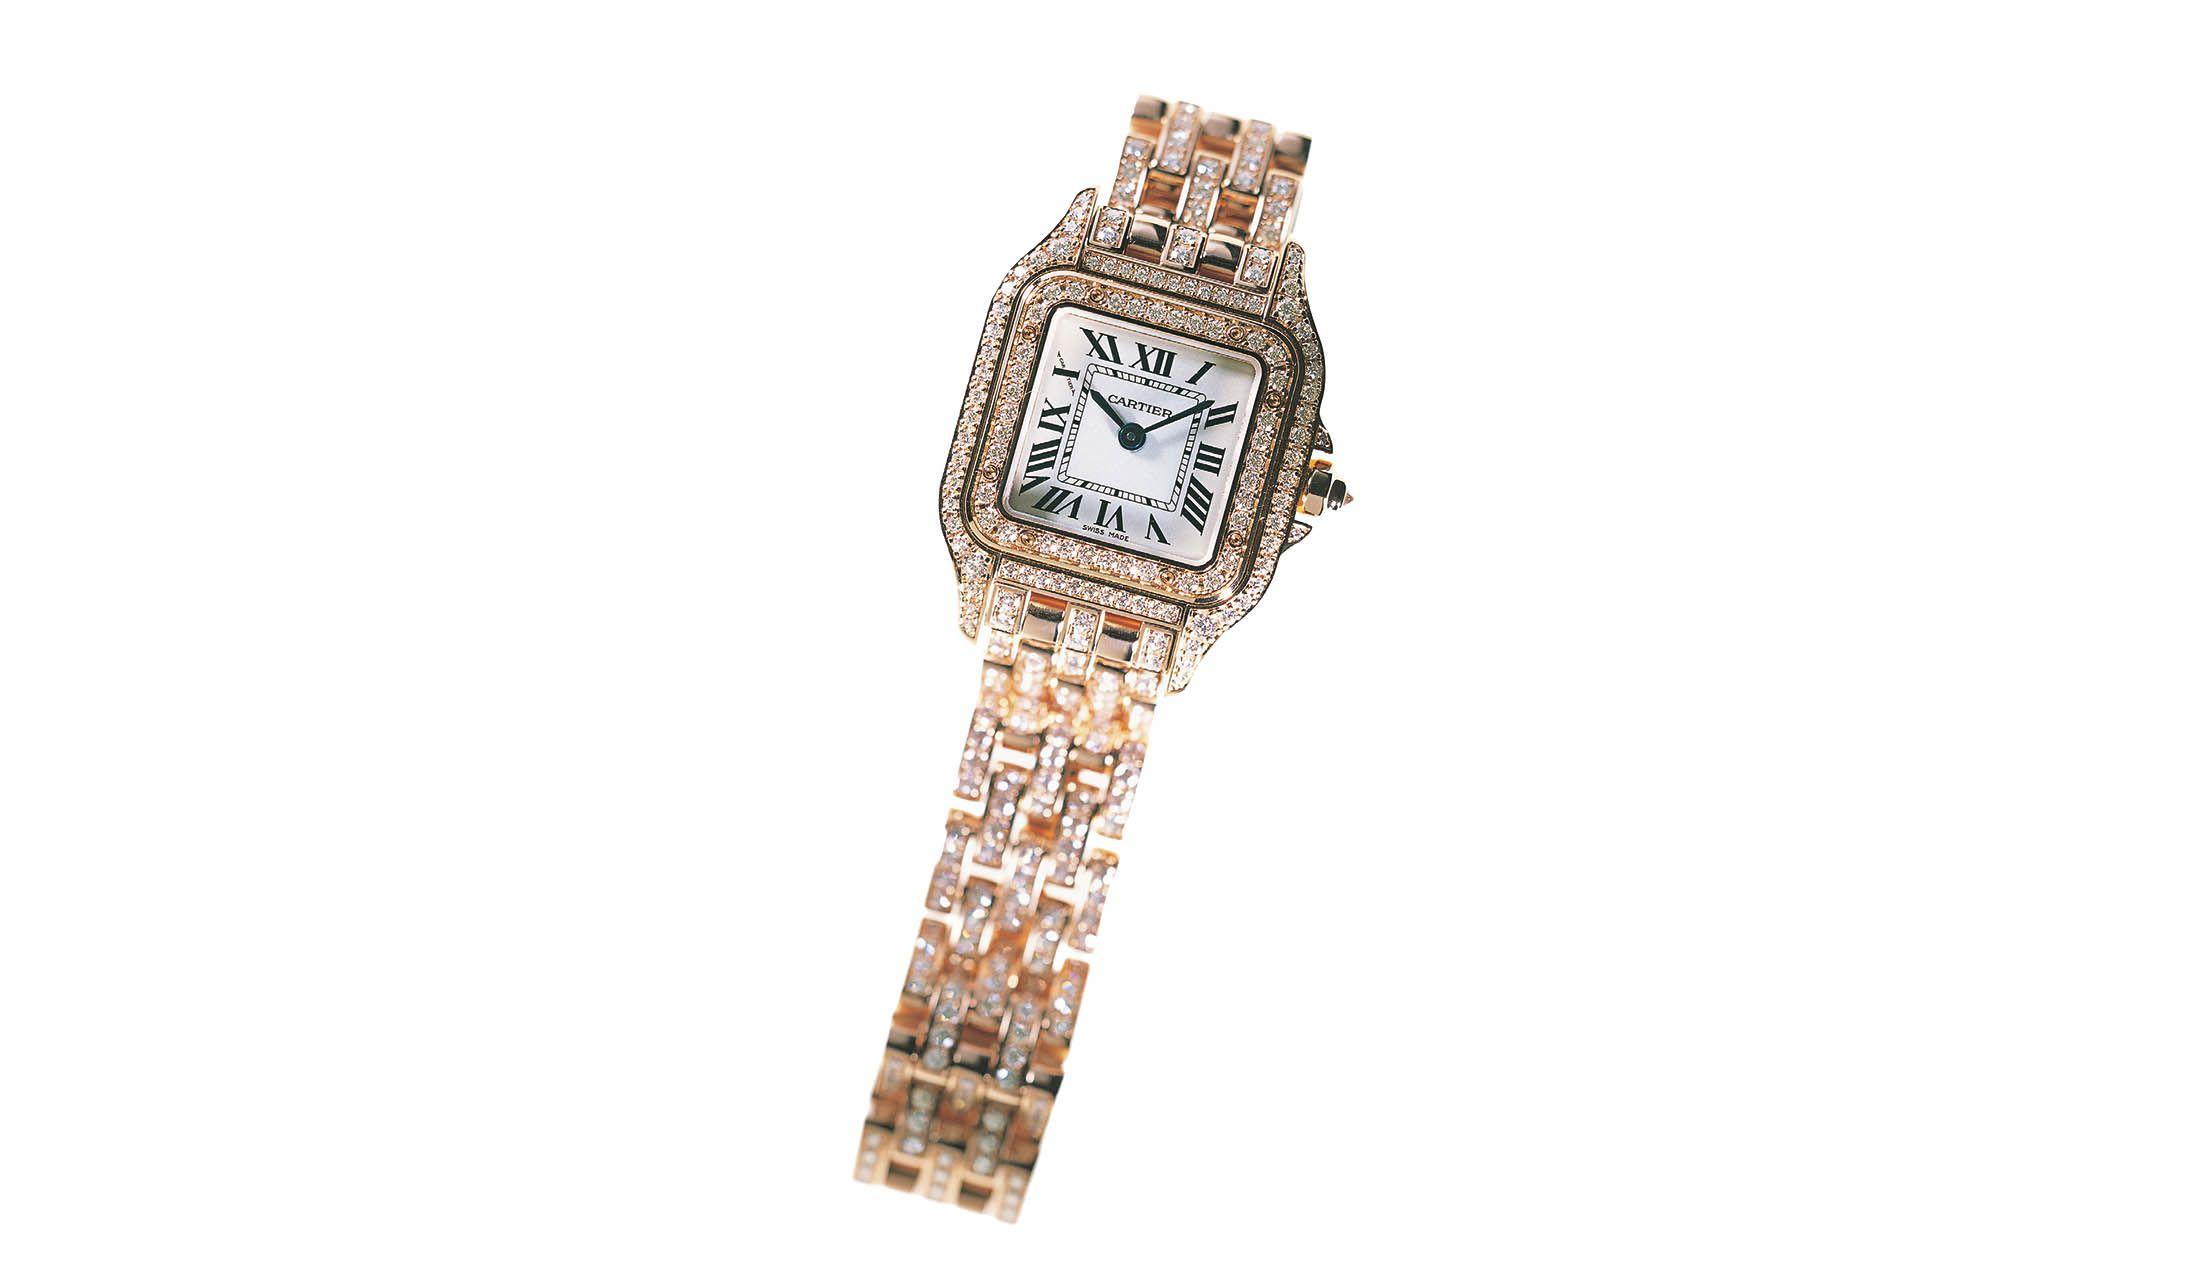 カルティエの時計「パンテール ドゥ カルティエ」